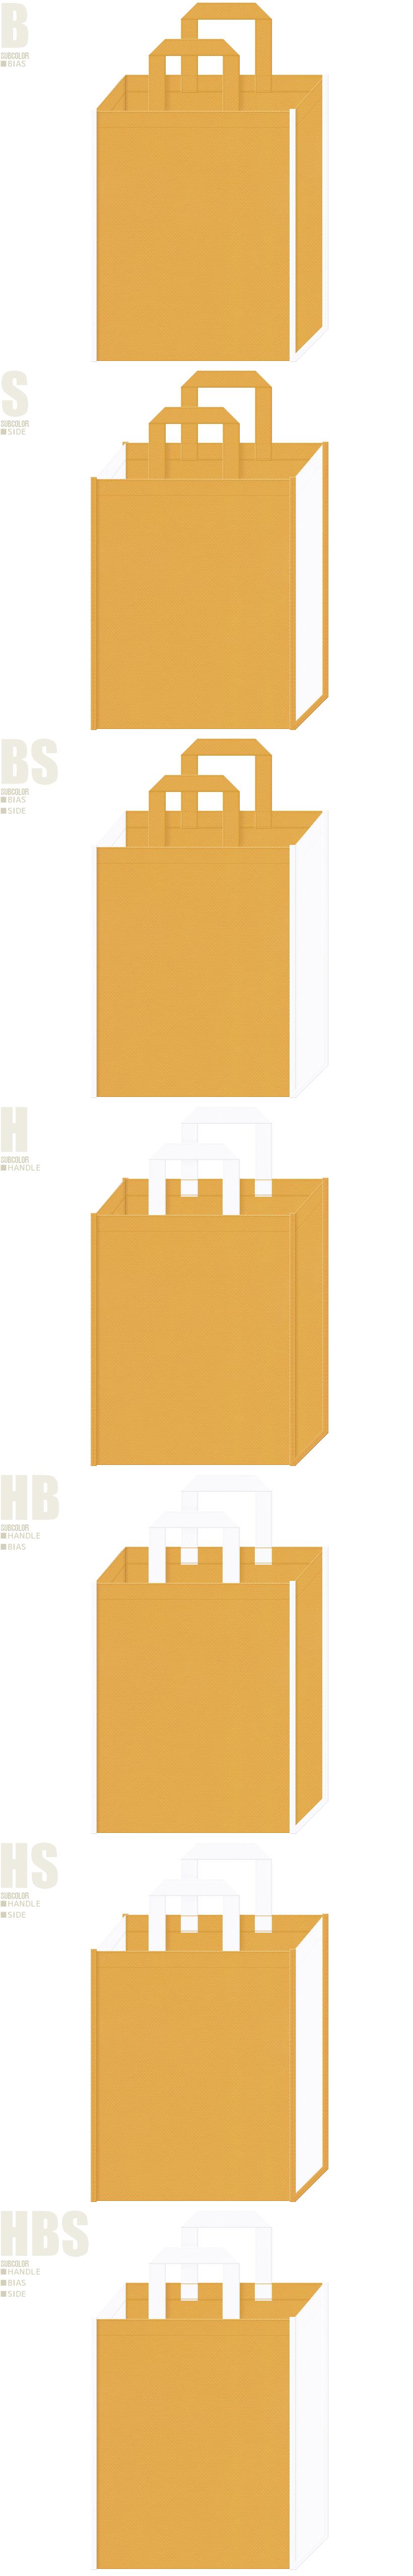 黄土色と白色、7パターンの不織布トートバッグ配色デザイン例。